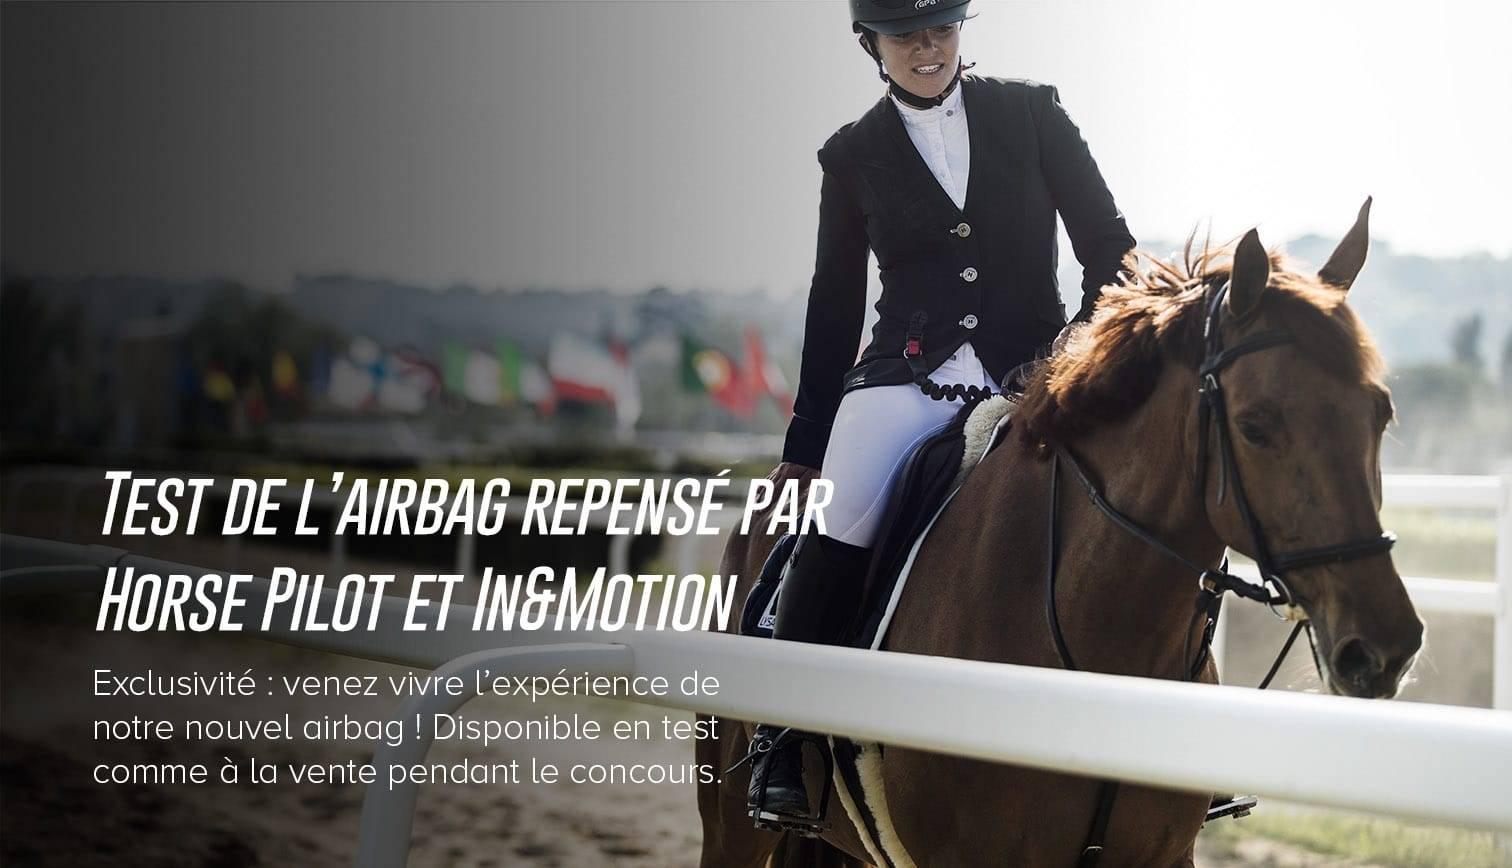 airbag horse pilot